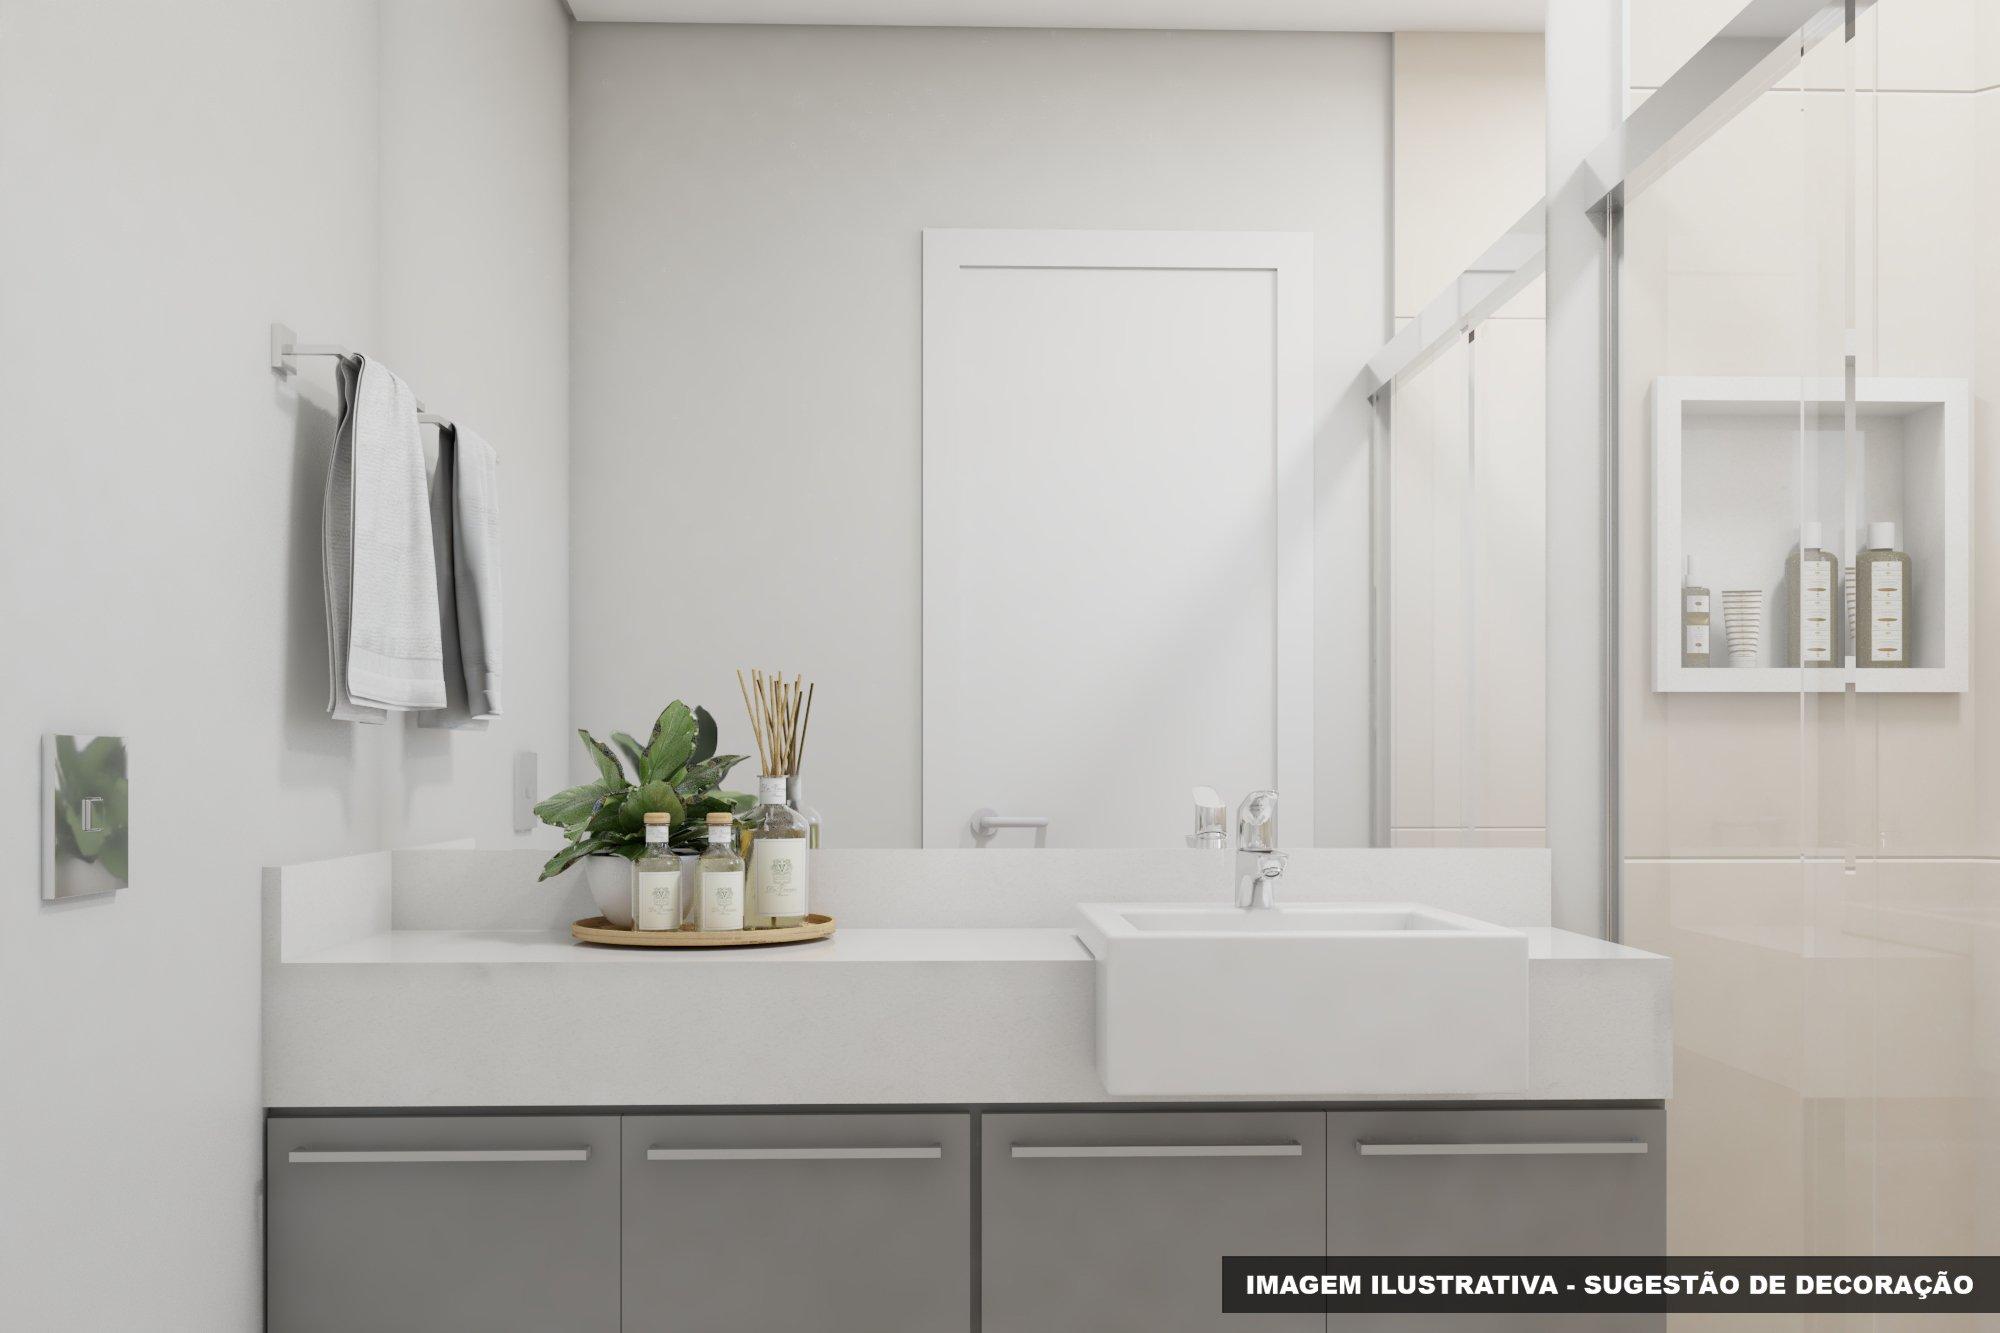 Foto de Banheiro com vaso sanitário, vaso, garrafa, pia